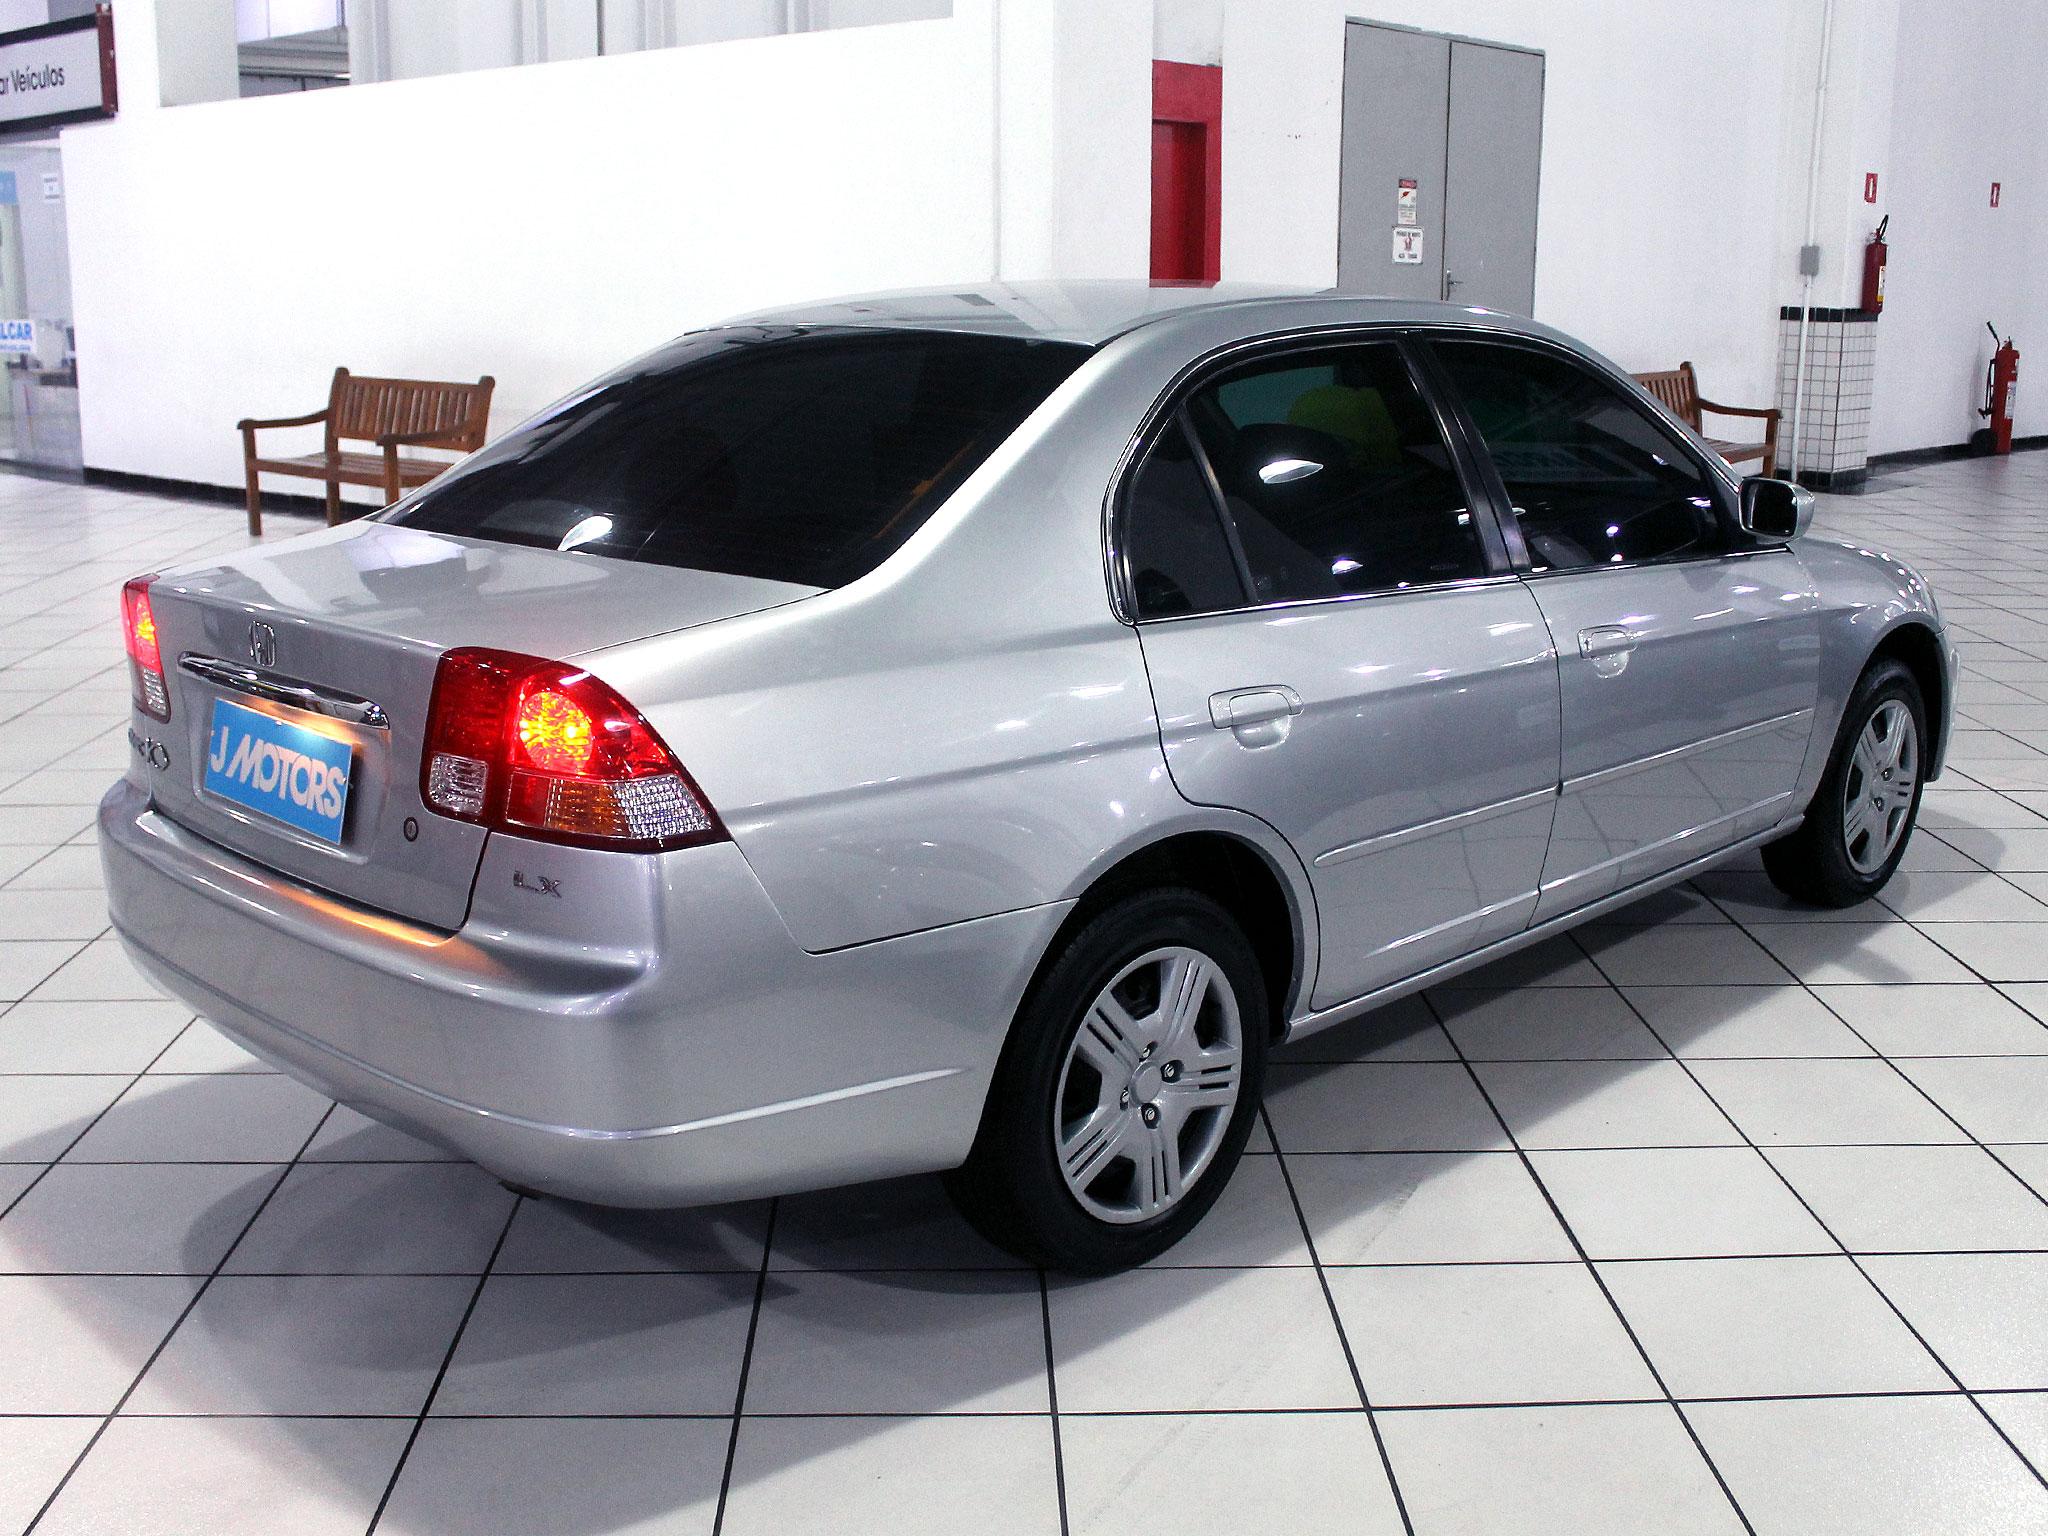 Honda Civic LX 1.7 2003 Full